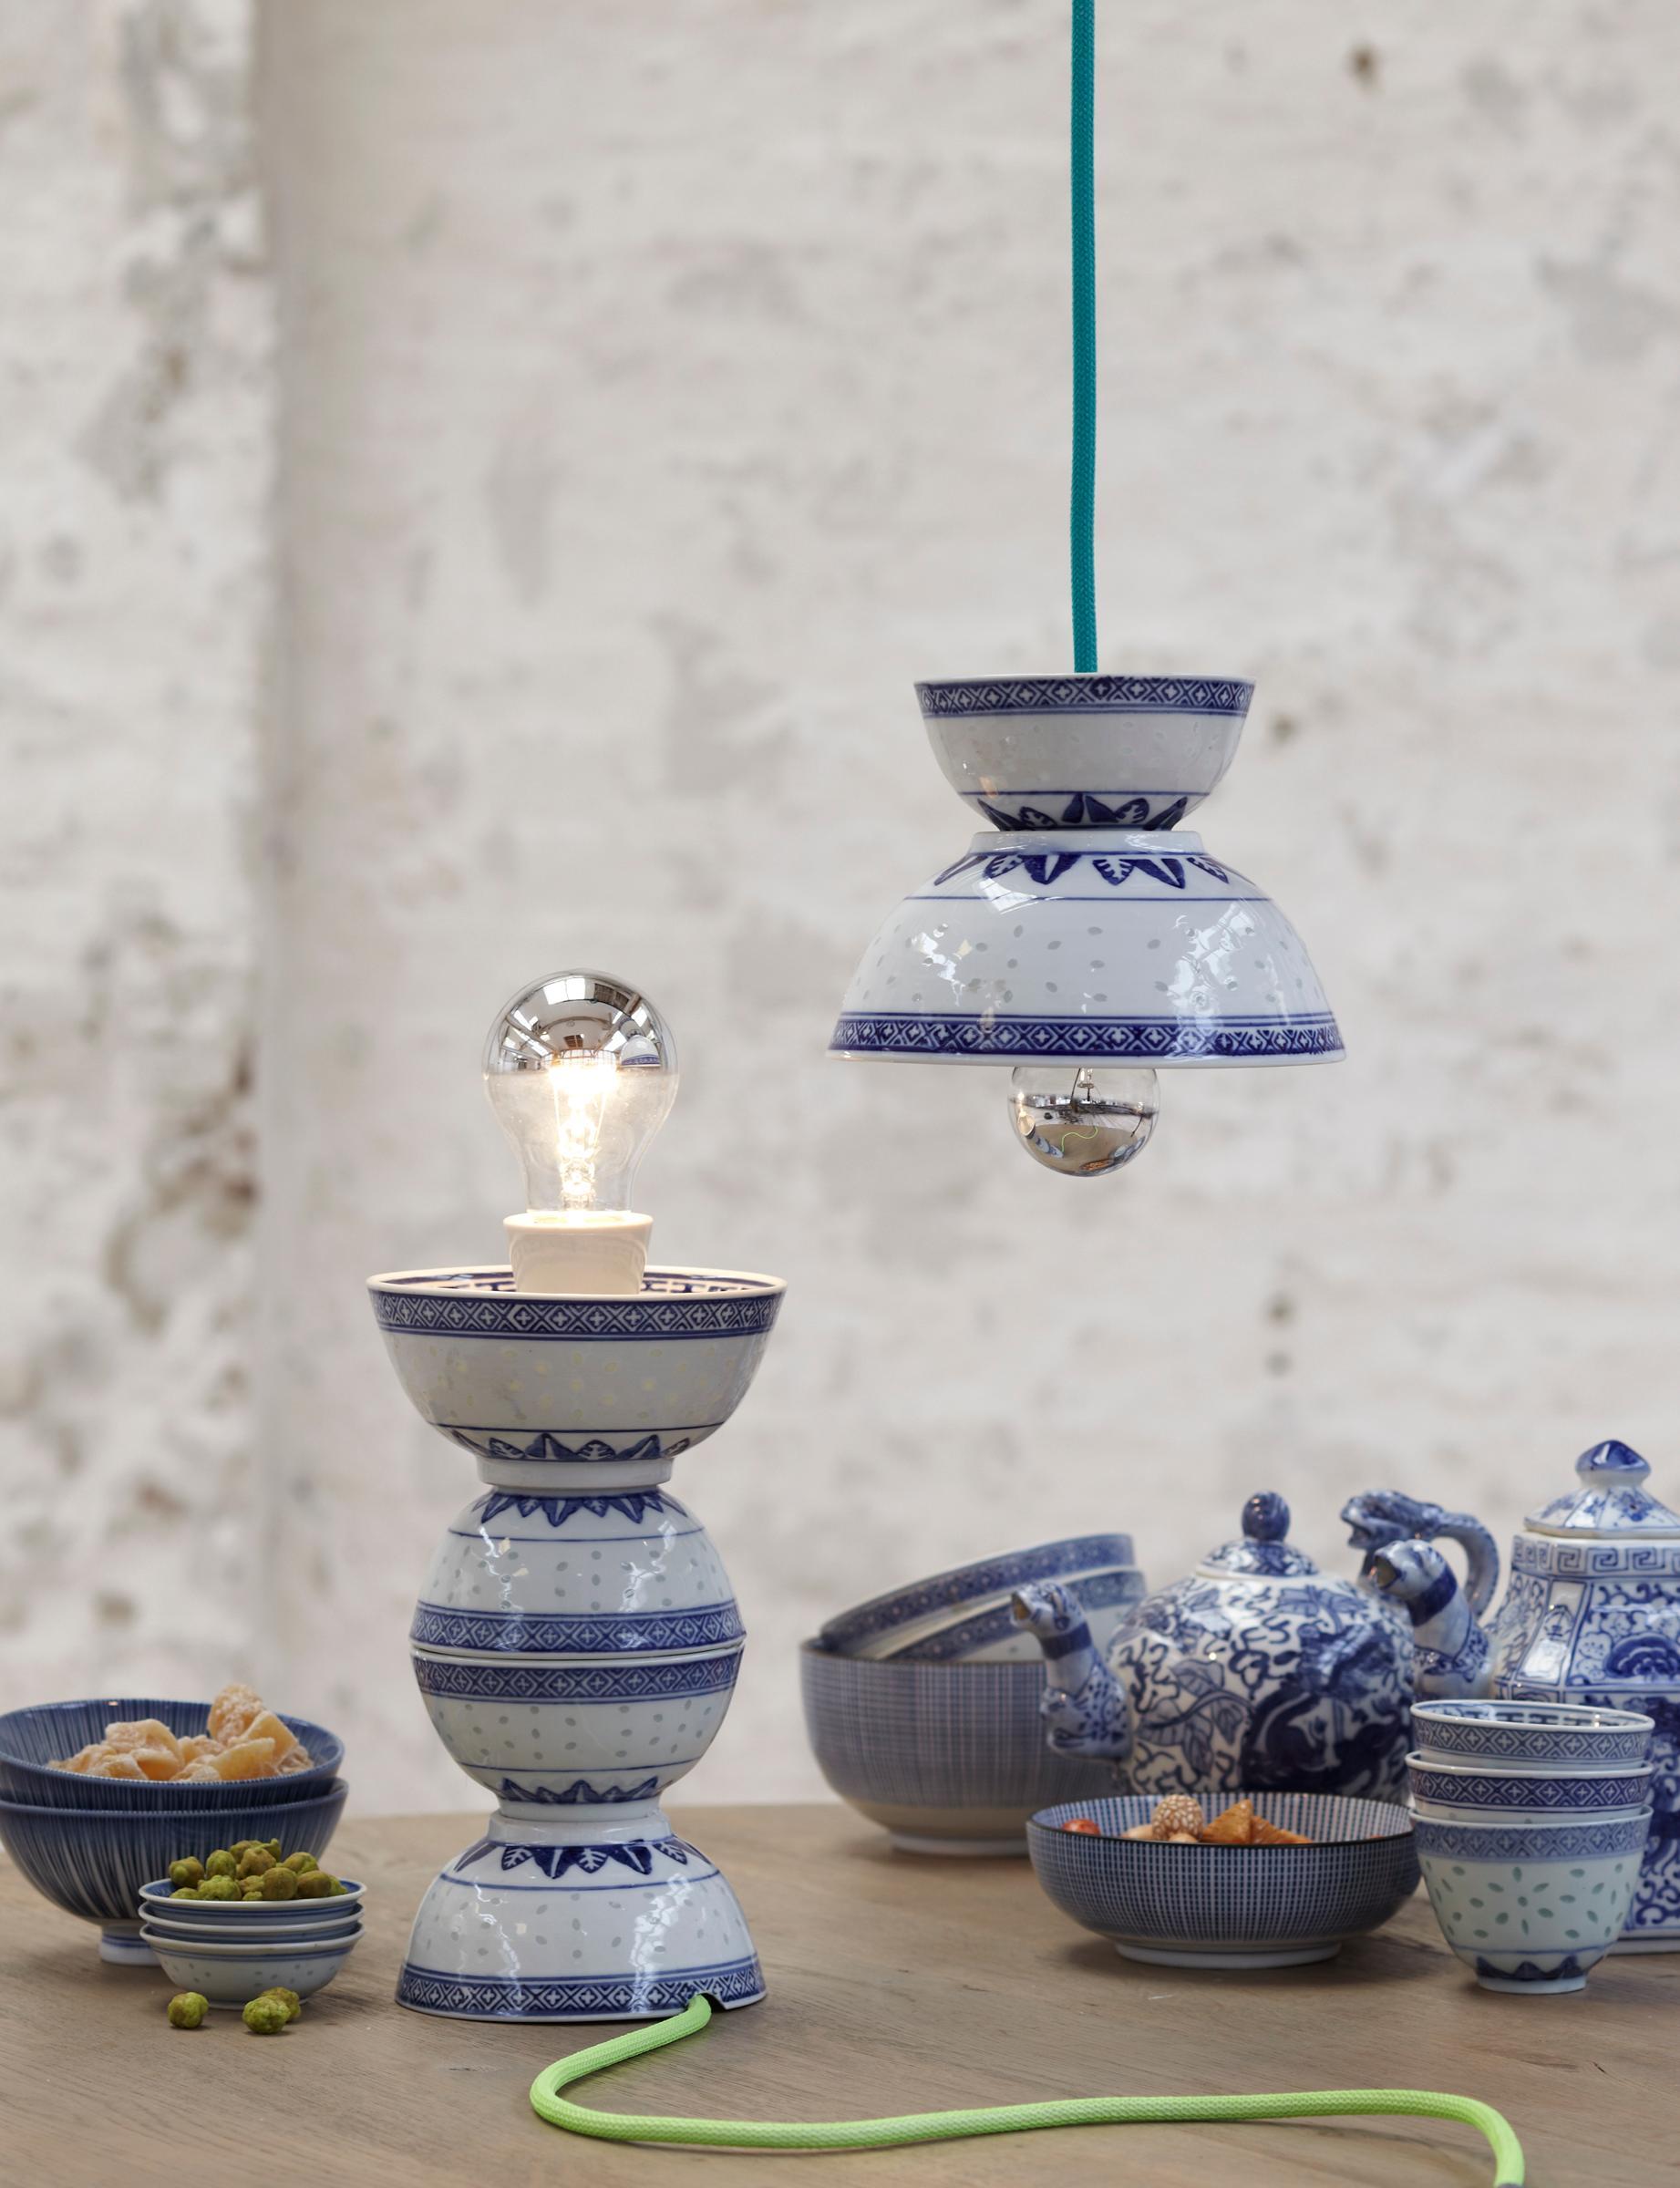 Klassisches Porzellan Im Neuen Look   Einfach Selbstgemacht #bastelidee  #diy #muttertagsgeschenk ©Schöner